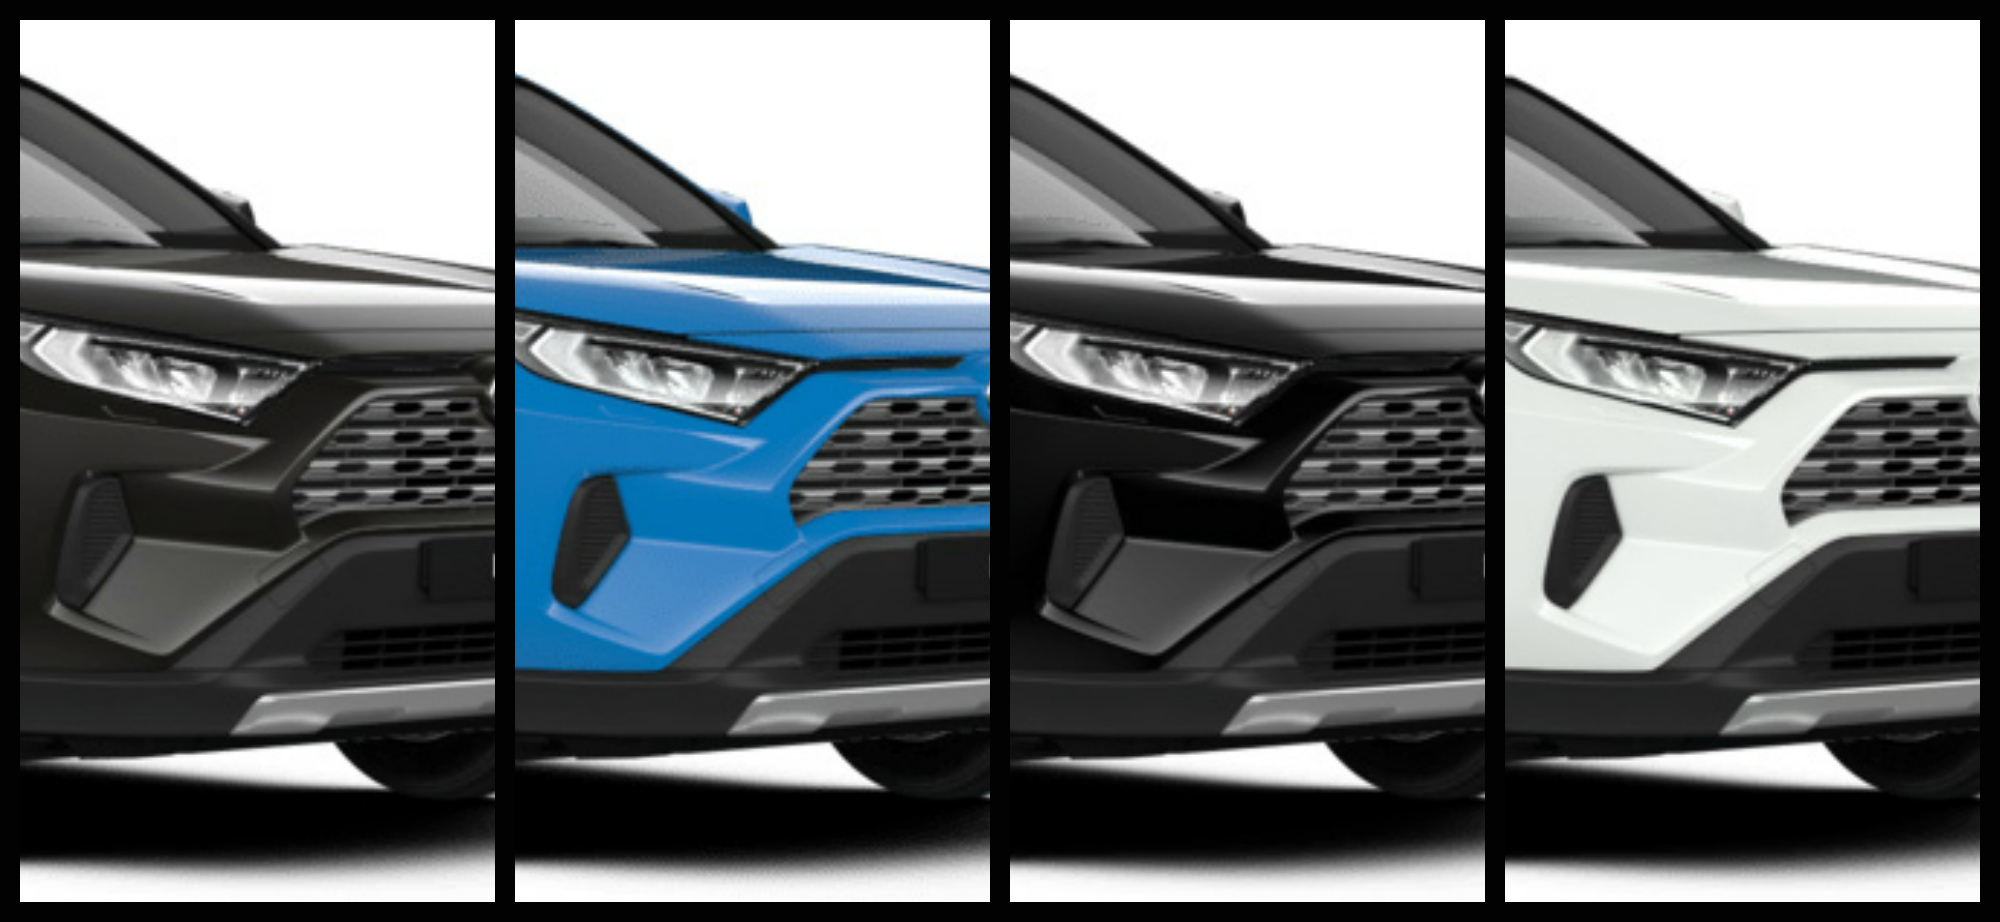 Белый, серый, черный, темно-синий... Какие цвета автомобилей наименее практичны и почему?